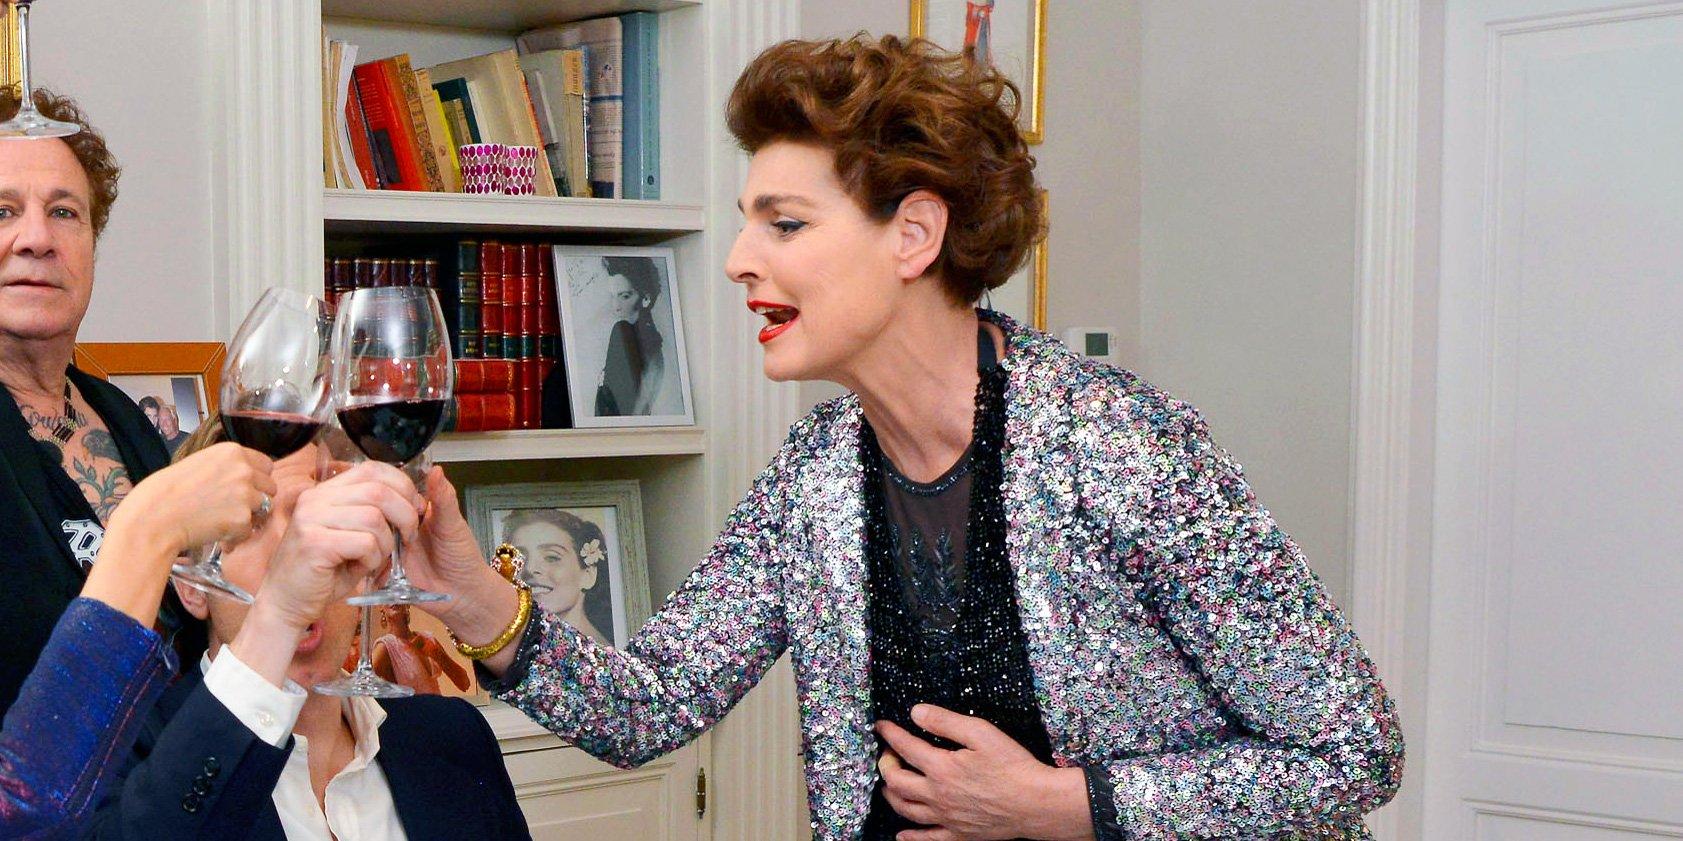 Antonia Dell'Atte manda recadito con mucha mala leche a Ana Obregón